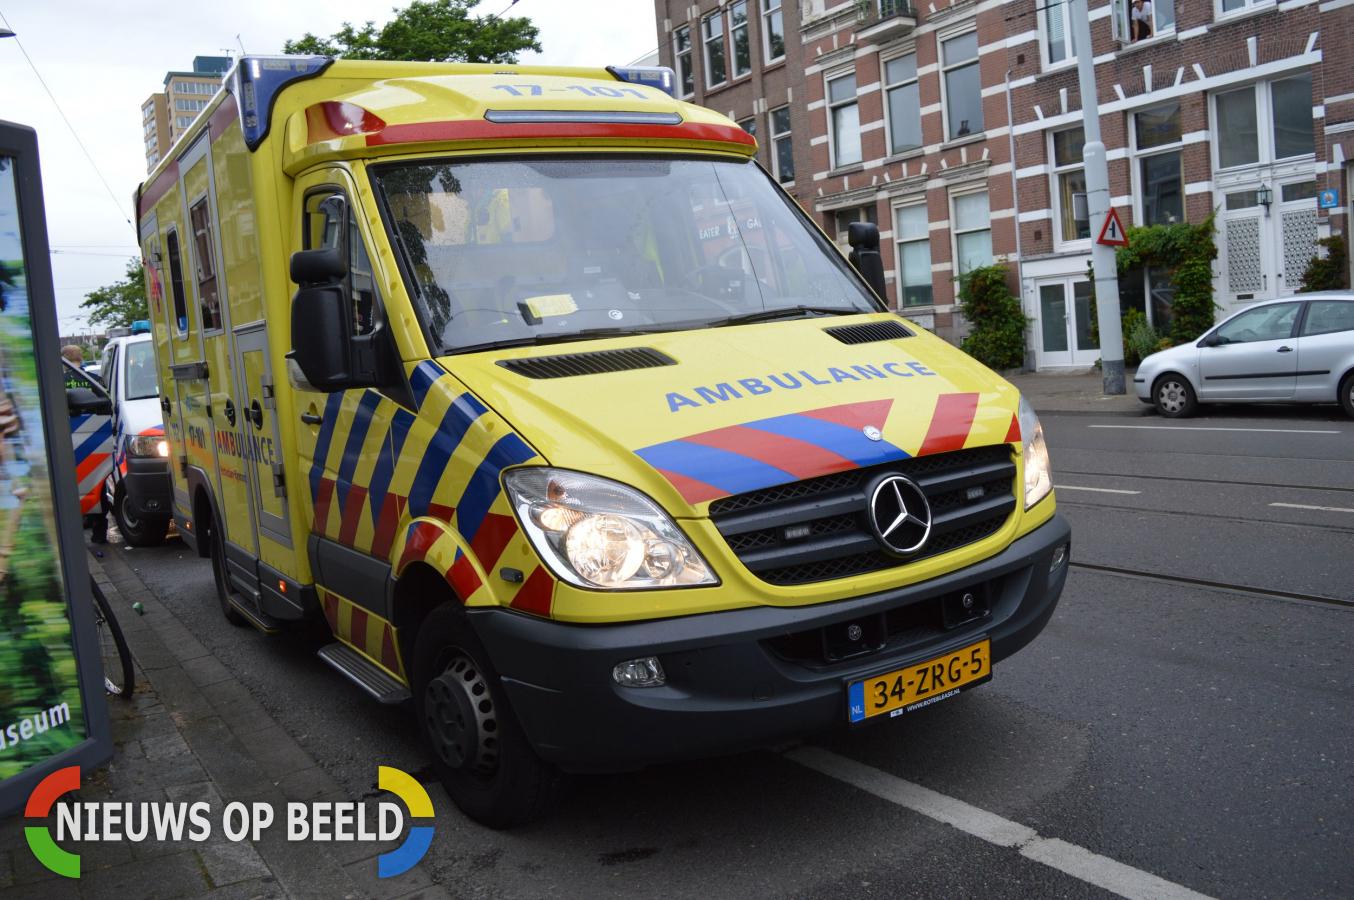 Verdachte voor zware mishandeling Hoek van Holland aangehouden